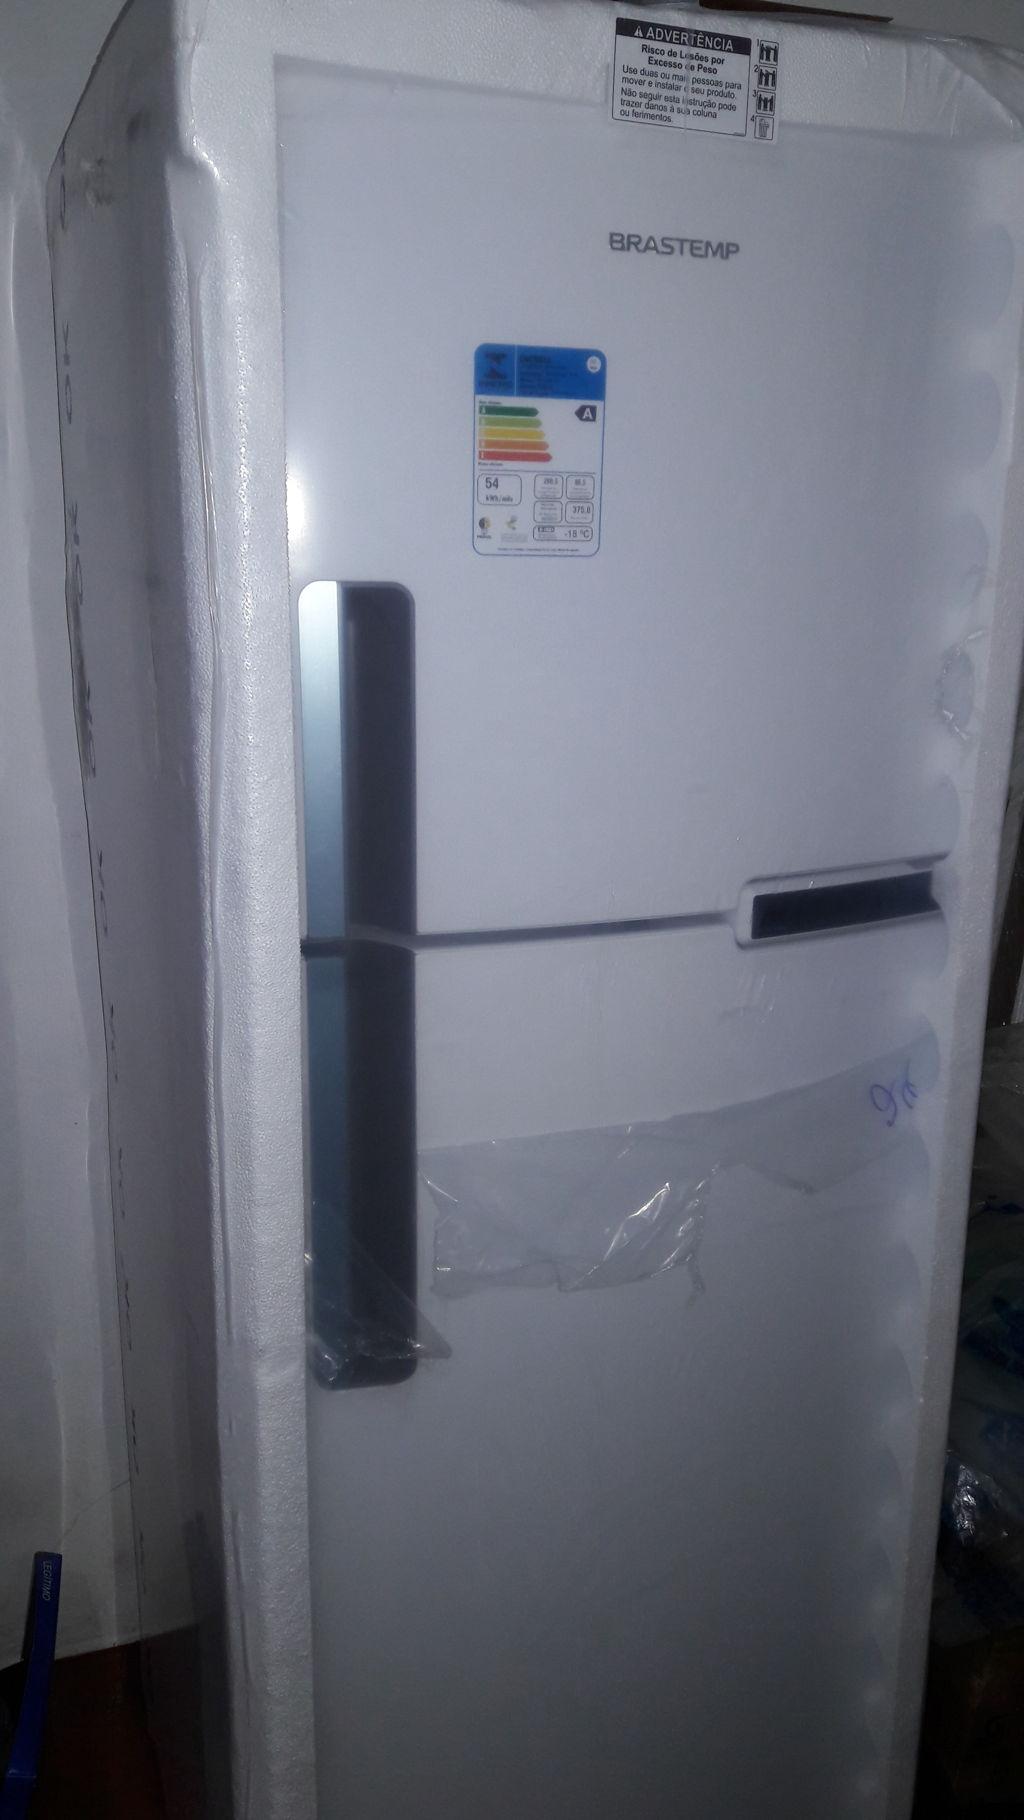 7b03d0f940 Refrigerador Brastemp BRM44HB Frost Free com Compartimento para ...